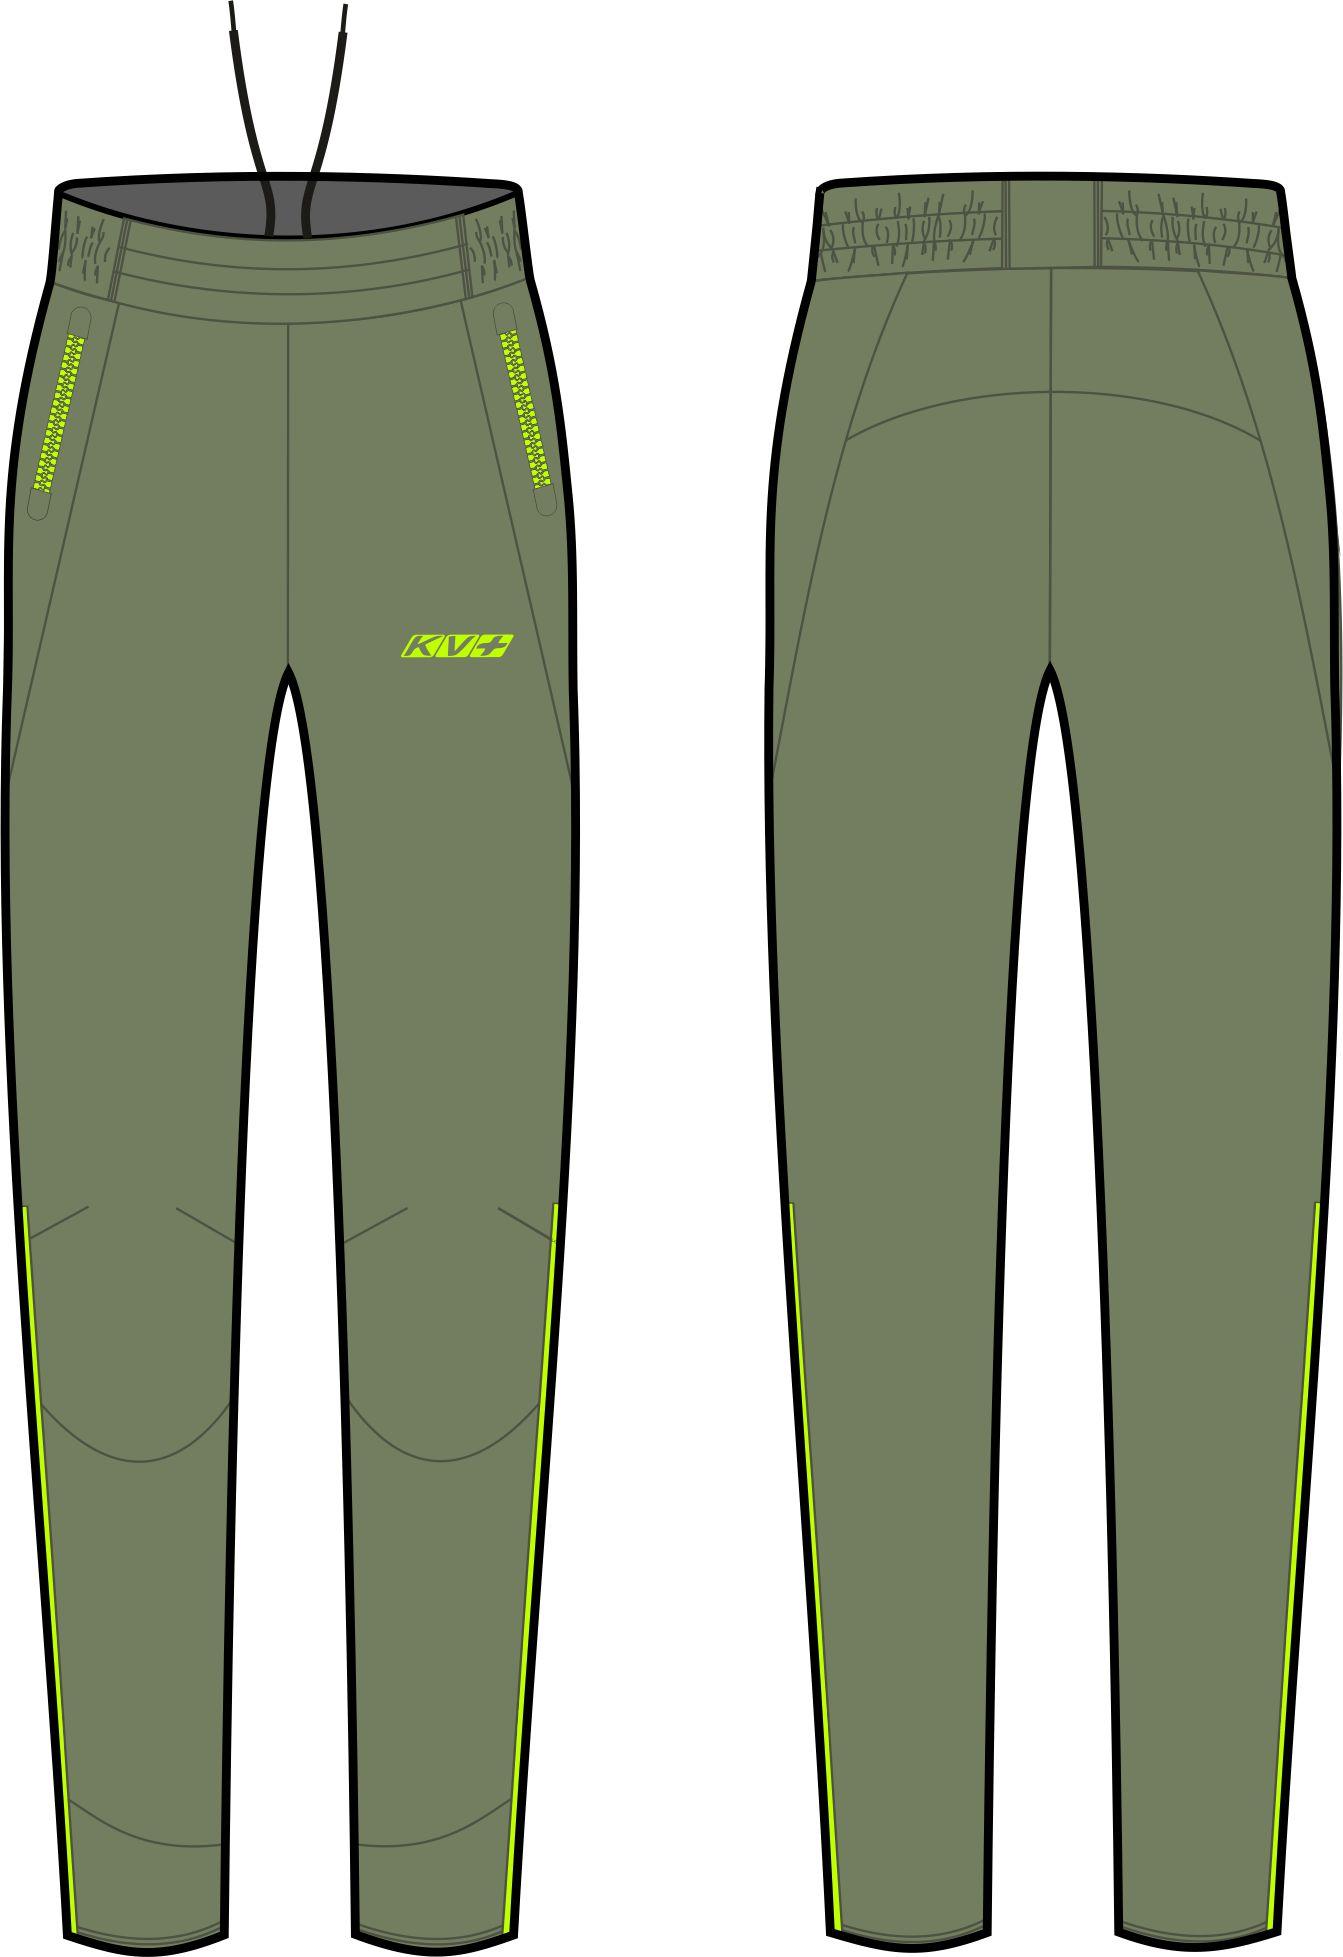 KARINA JACKET woman (green)